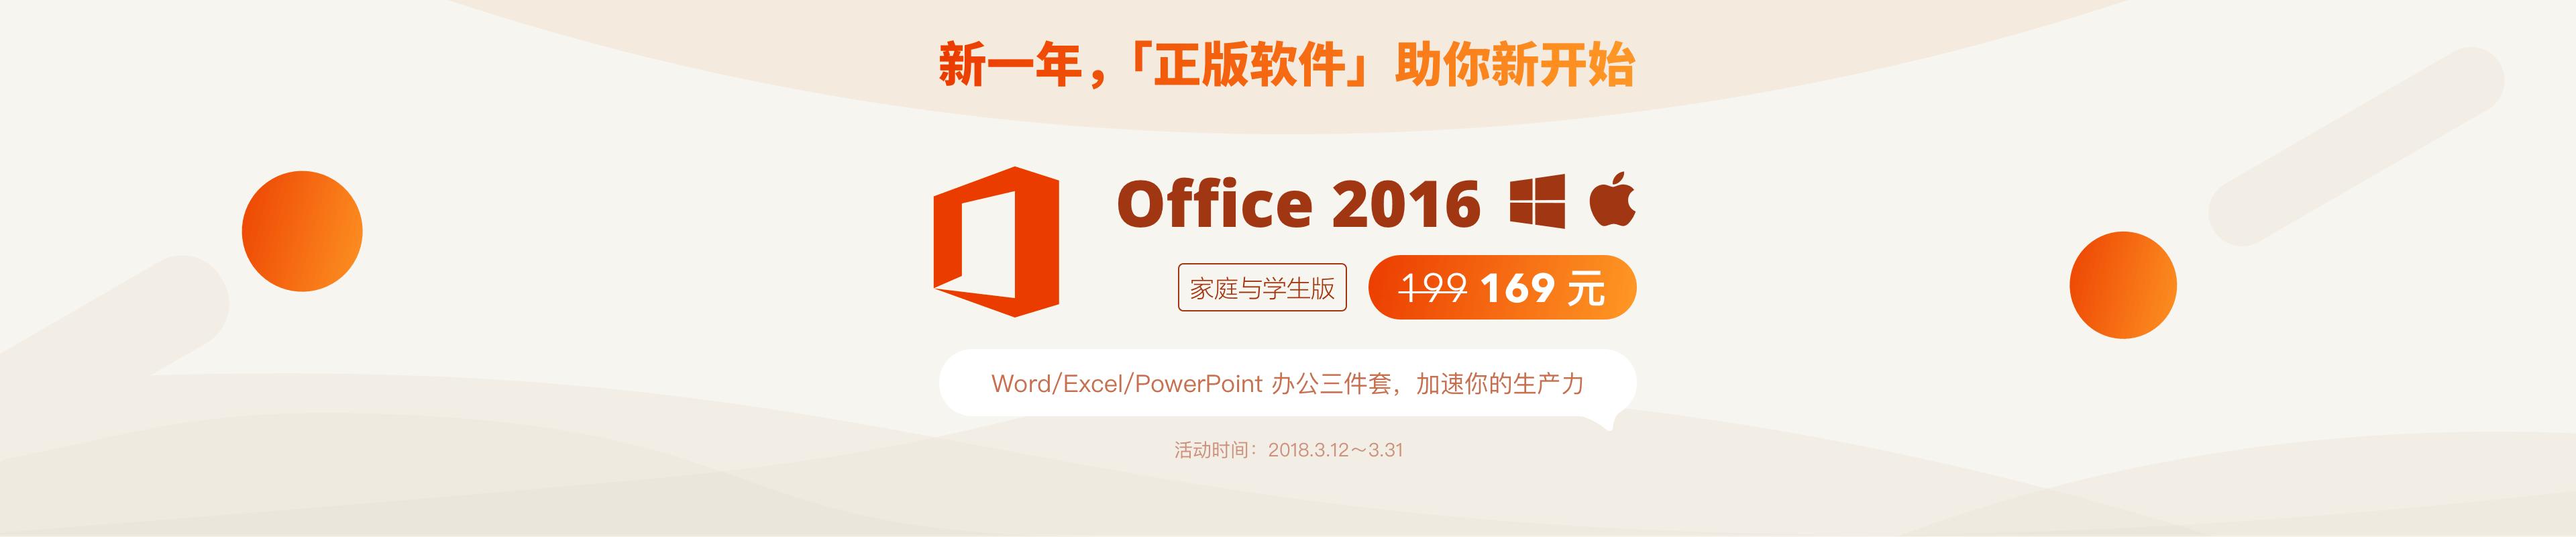 新一年,「正版 Office 特惠」助你新开始